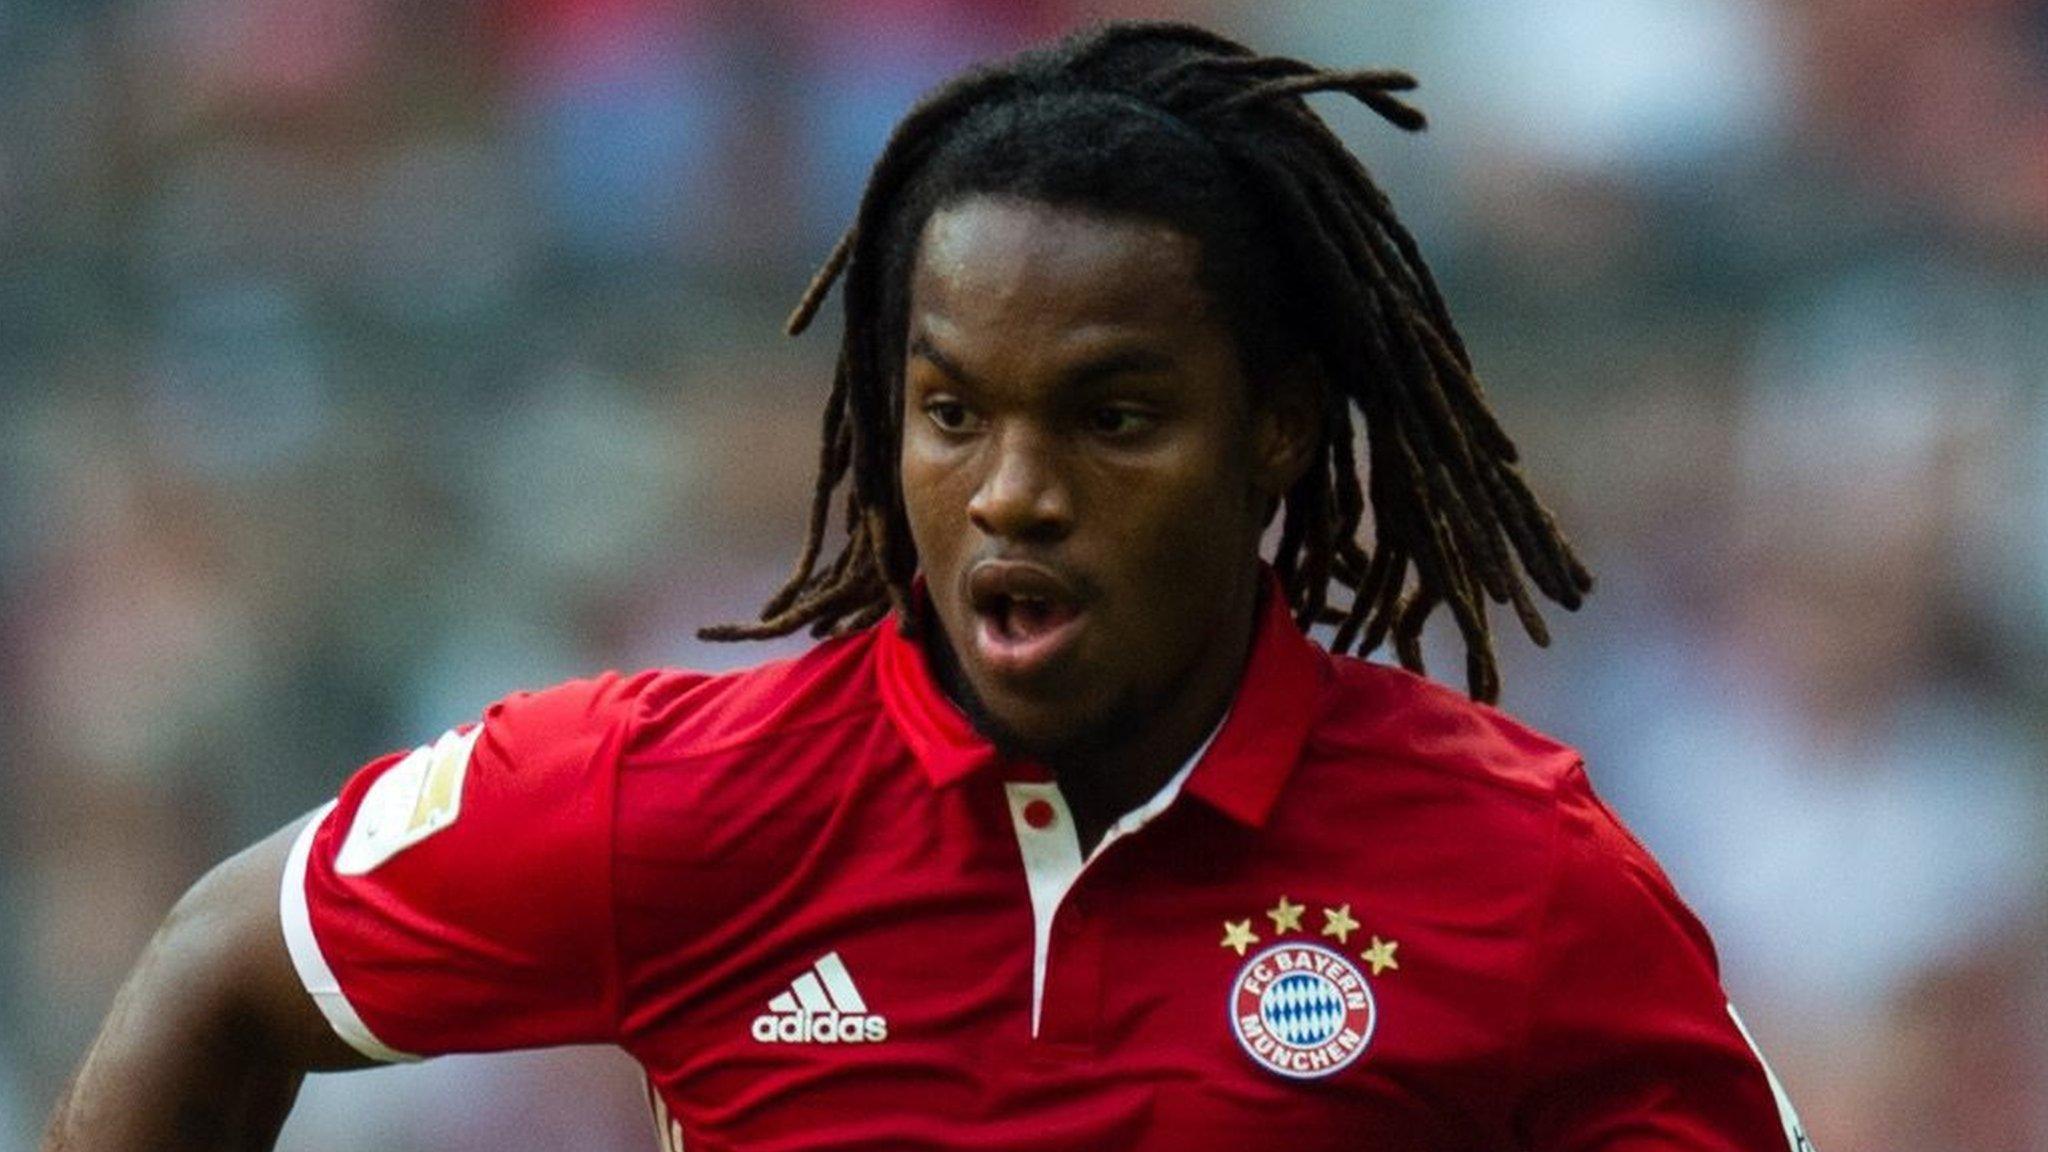 Bayern's Sanches beats Rashford to European Golden Boy award